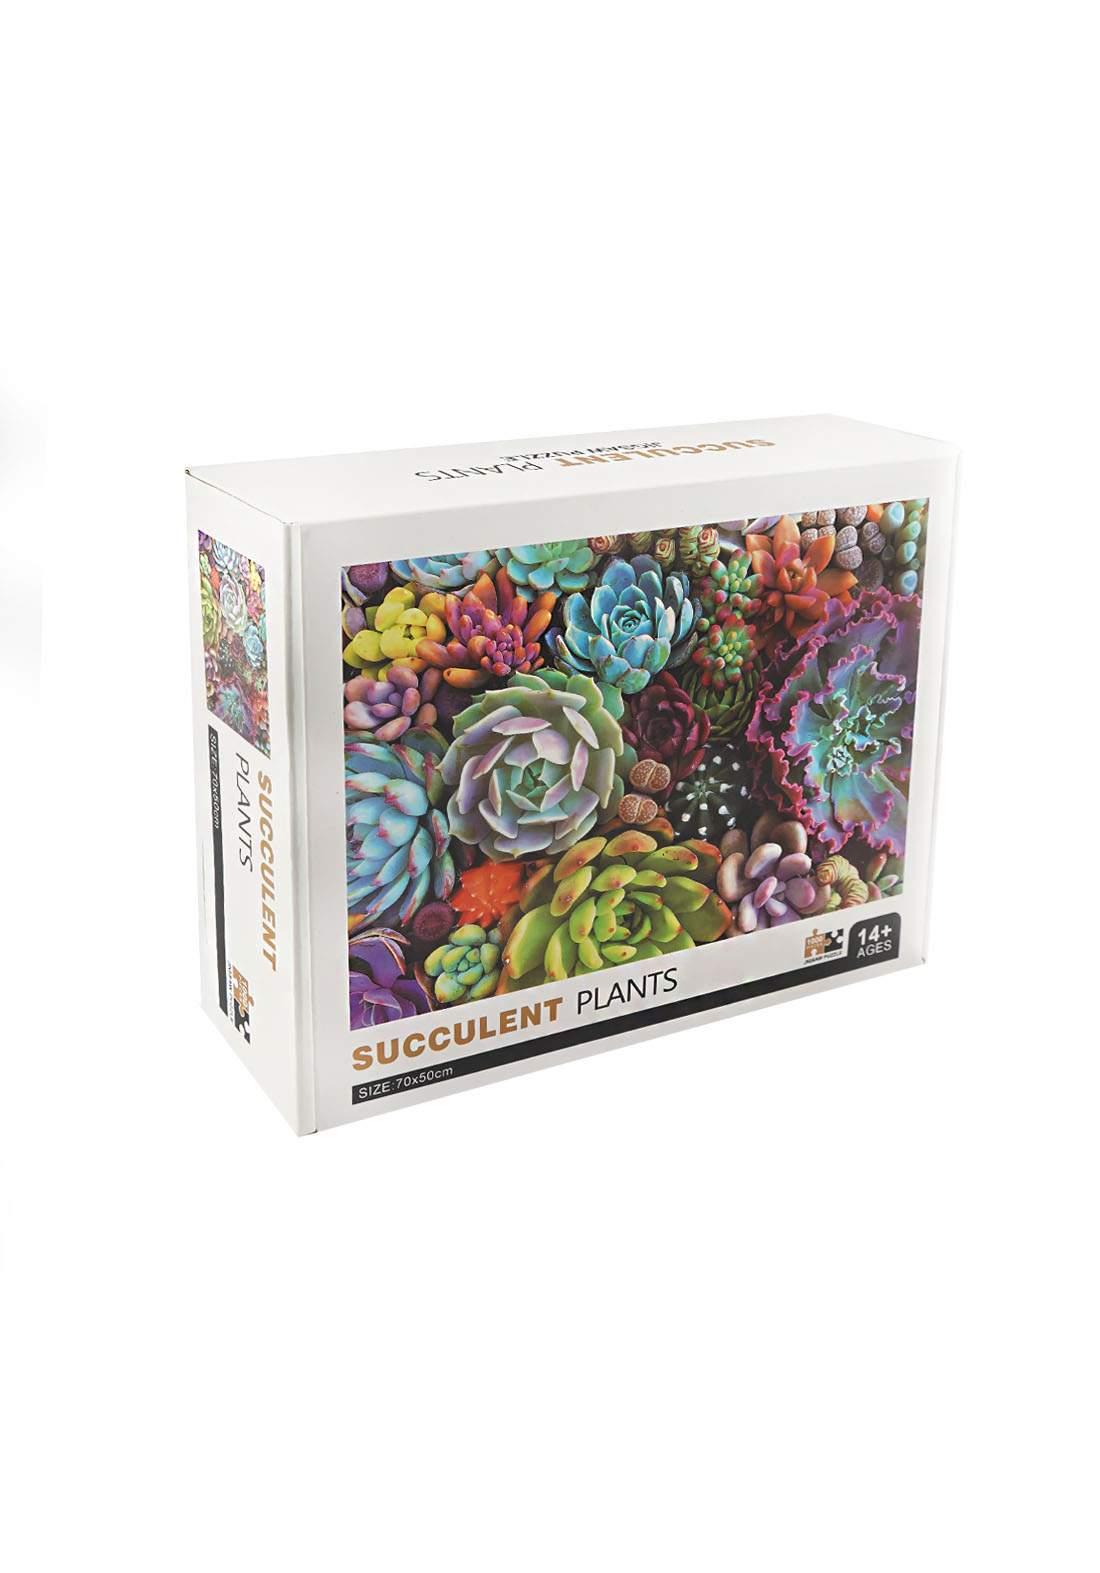 Jigsaw Puzzle Succulent Plants 1000Pcs لعبة تركيب القطع بشكل نباتات